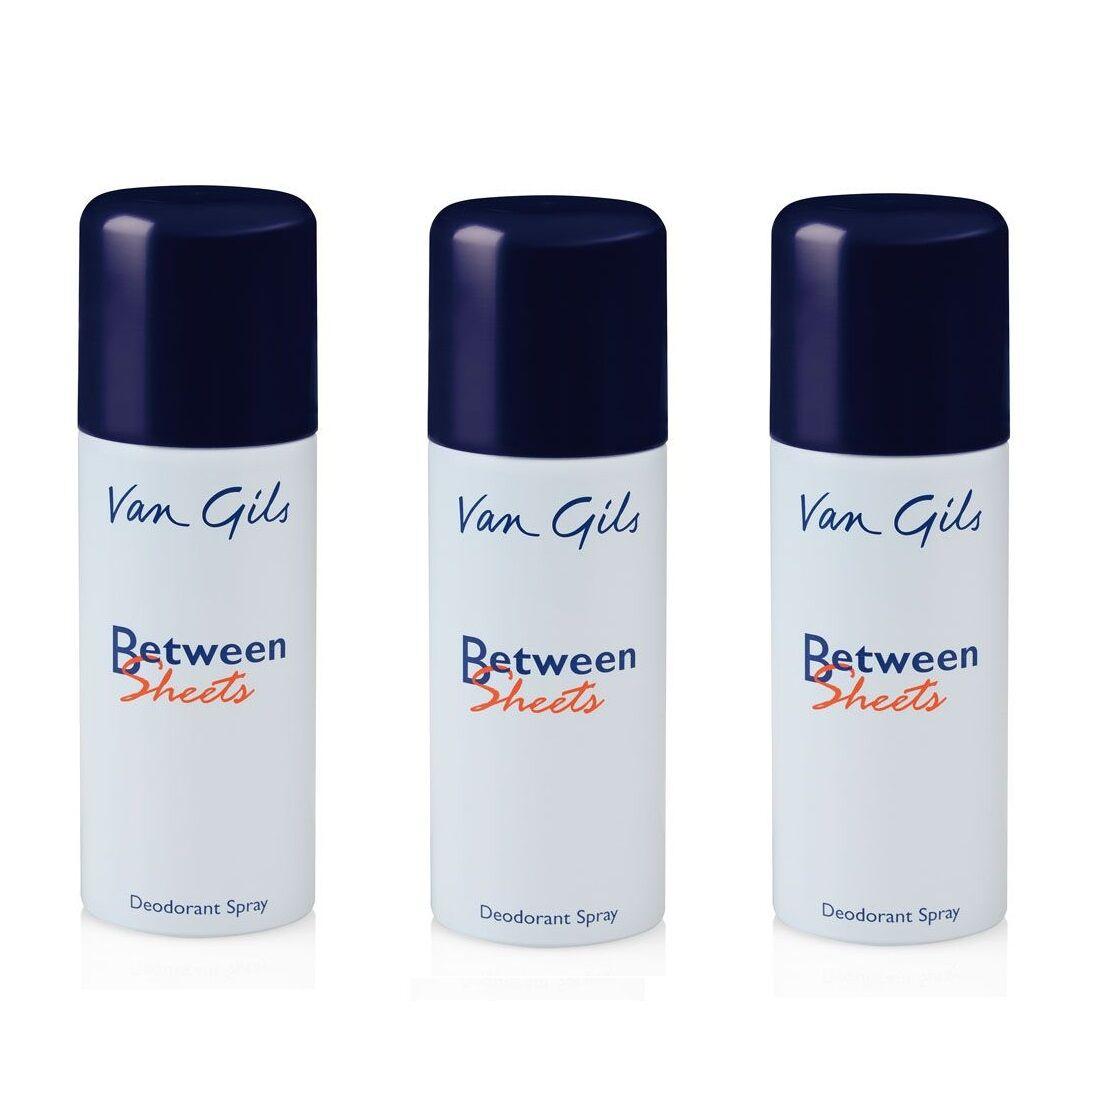 Van Gils 3x Between Sheets Deodorant Spray 150 ml